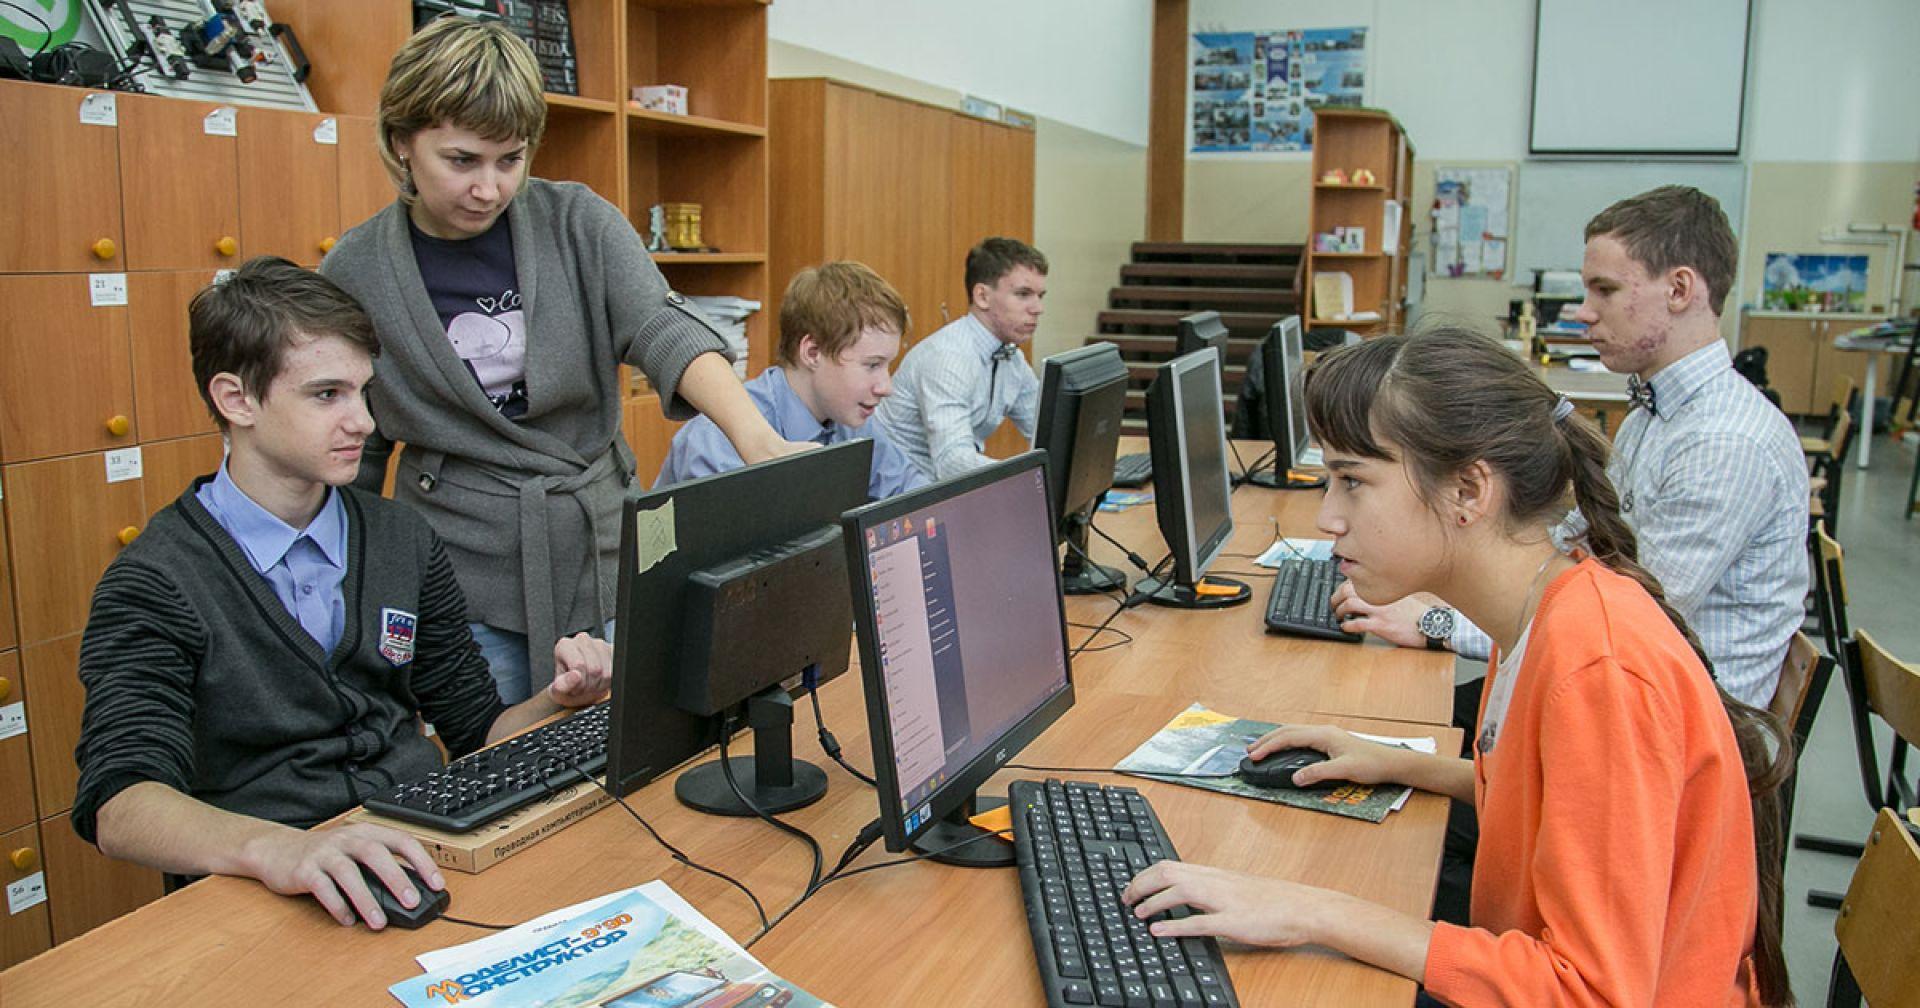 К 2022 году к интернету подключат все российские школы